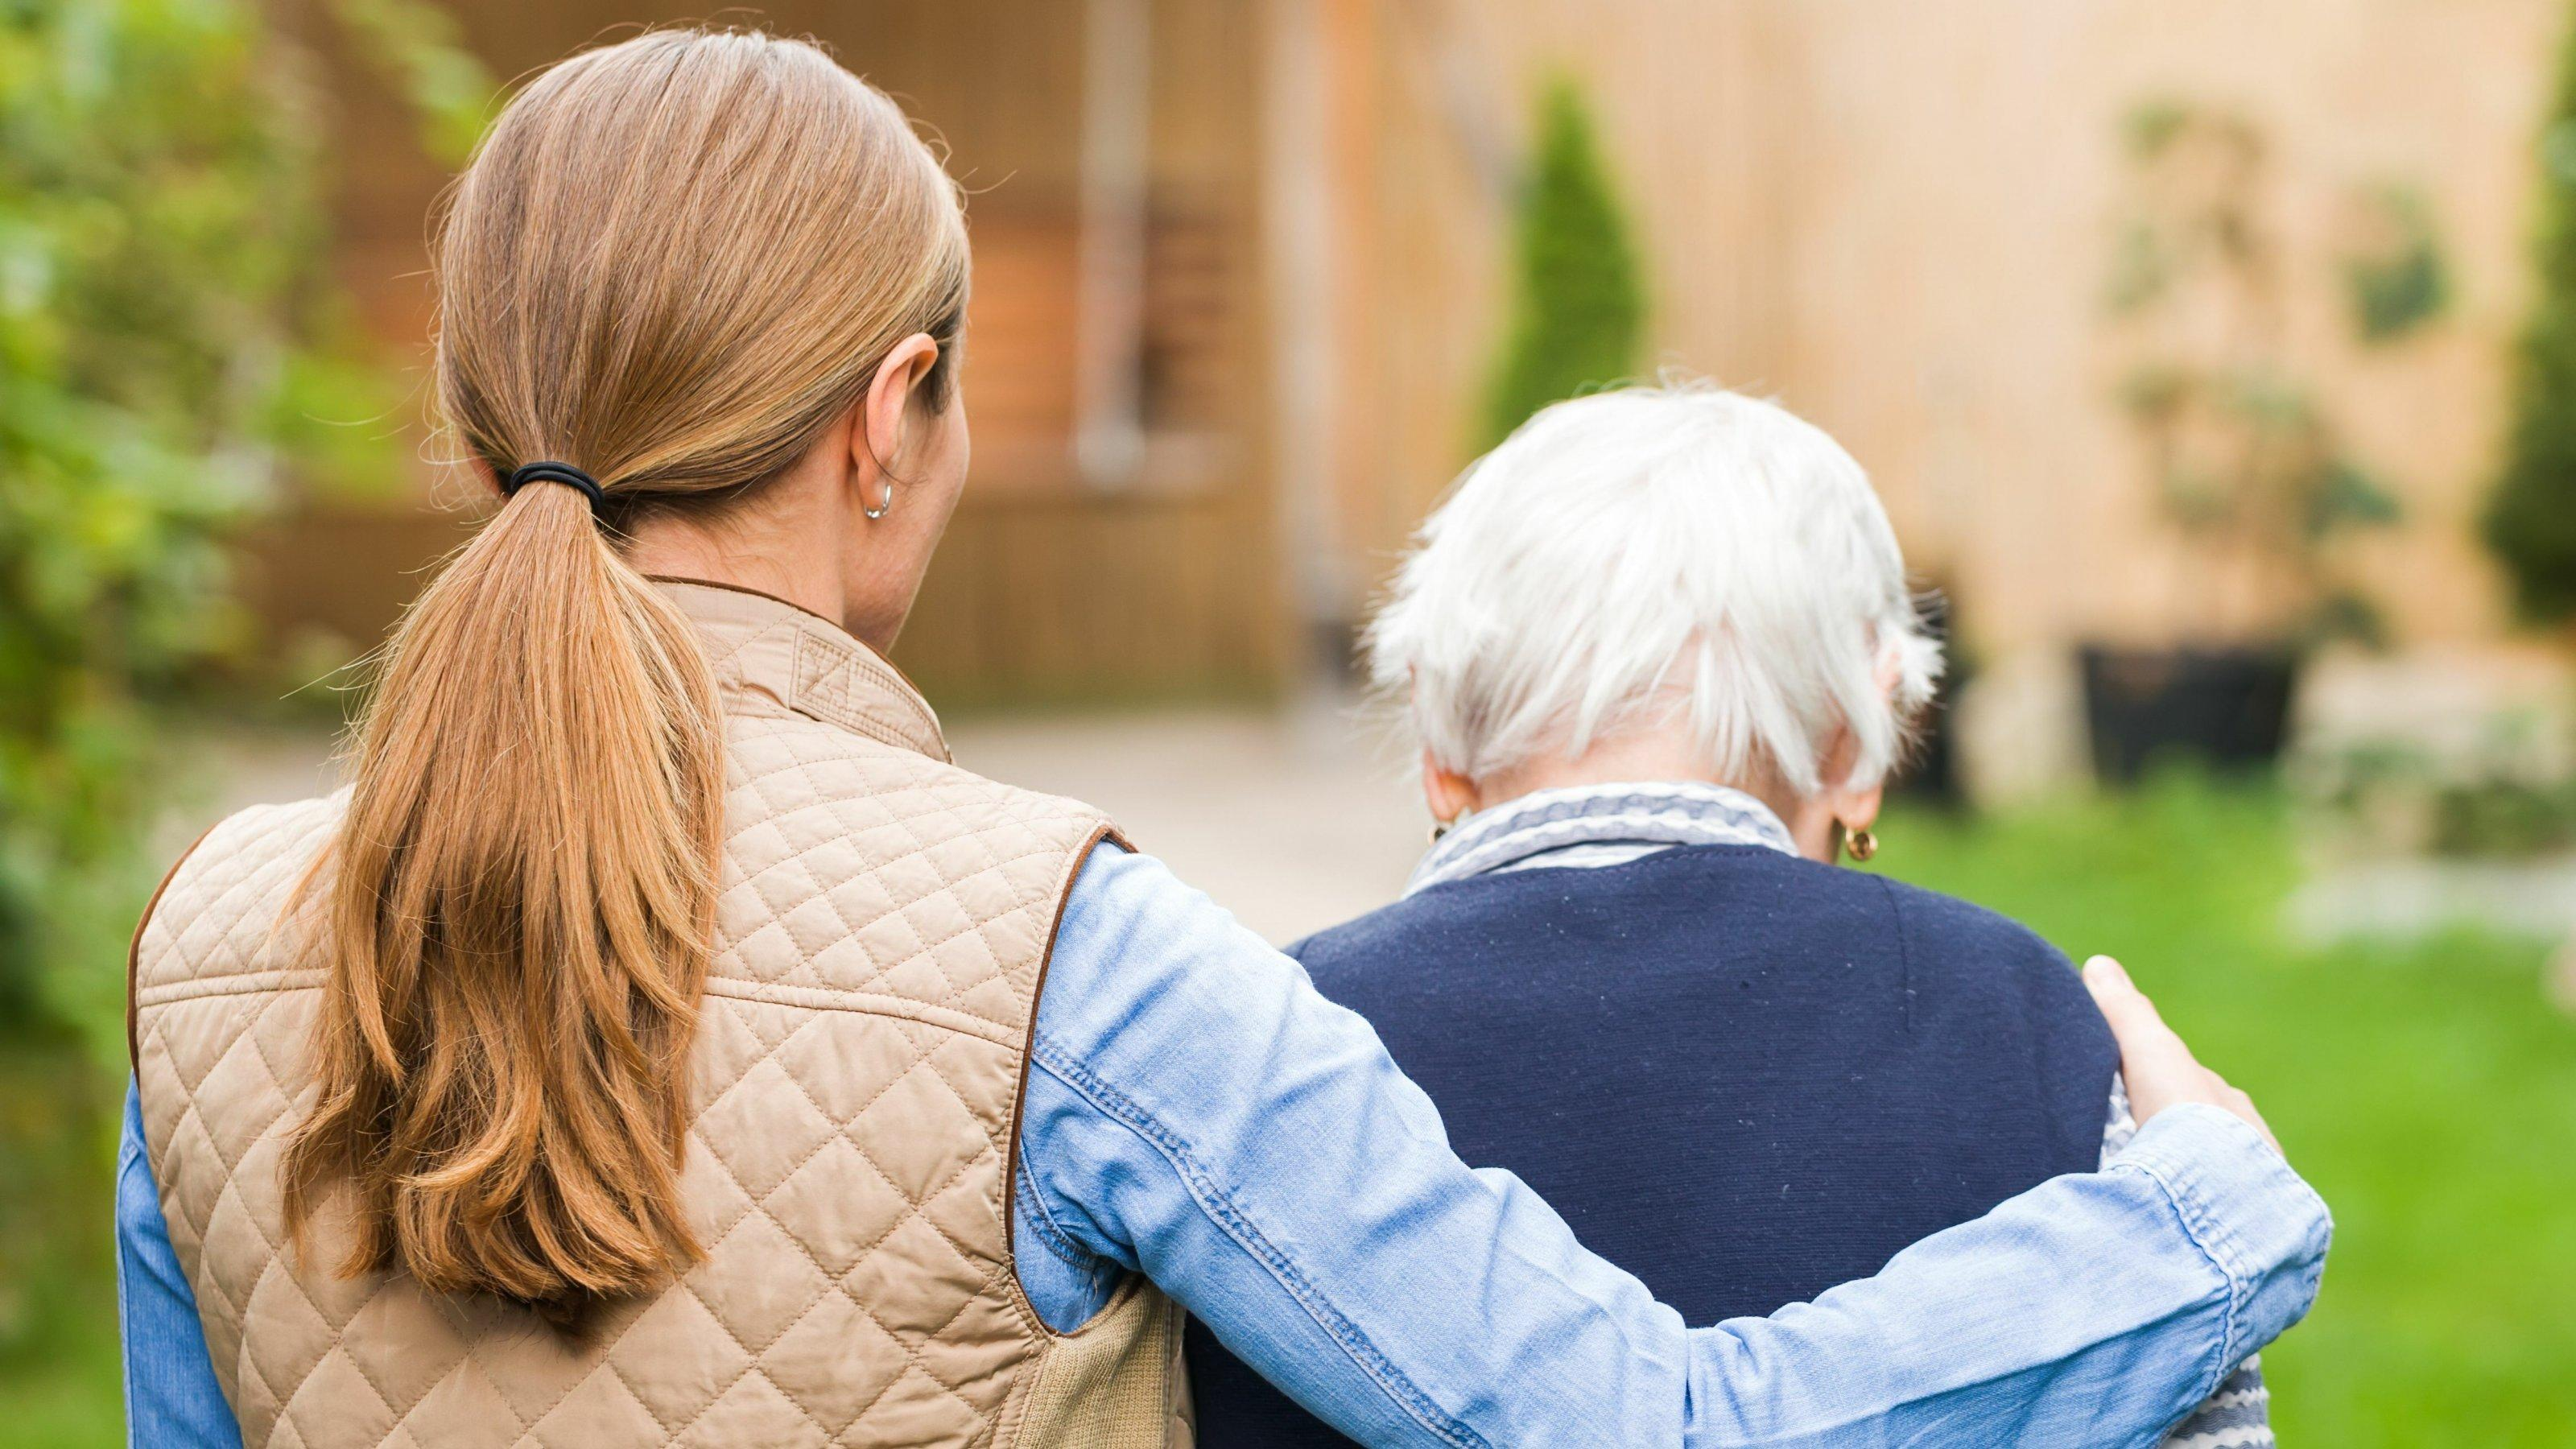 24-Stunden-Pflege: Eine ausländiche Pflegekraft hilft beim Spazierengehen. Hier führt eine Pflegerin eine alte Dame.